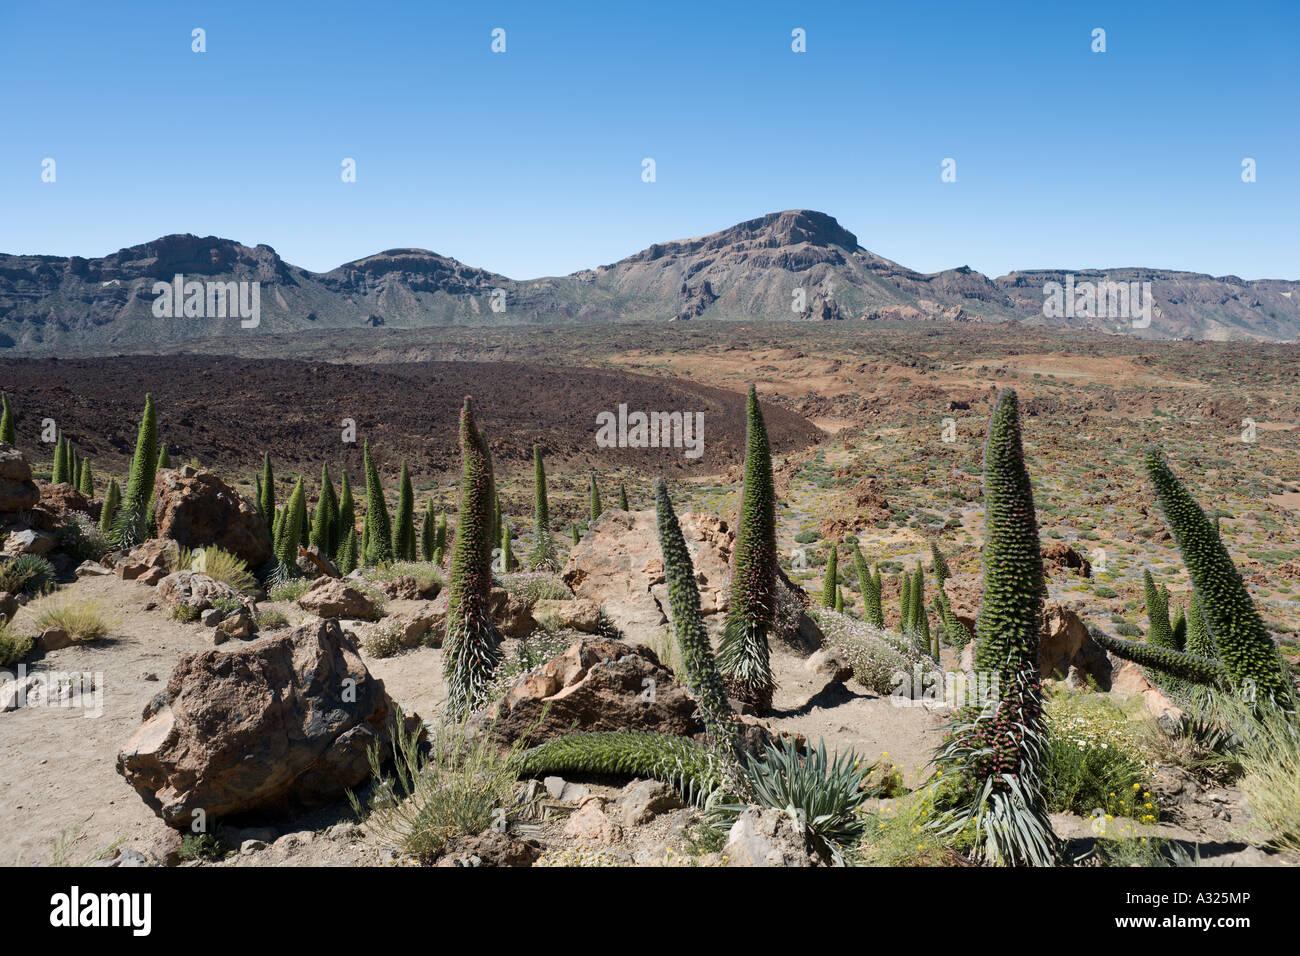 View over el Tabonal Negro, Las Canadas del Teide, Tenerife, Canary Islands, Spain - Stock Image